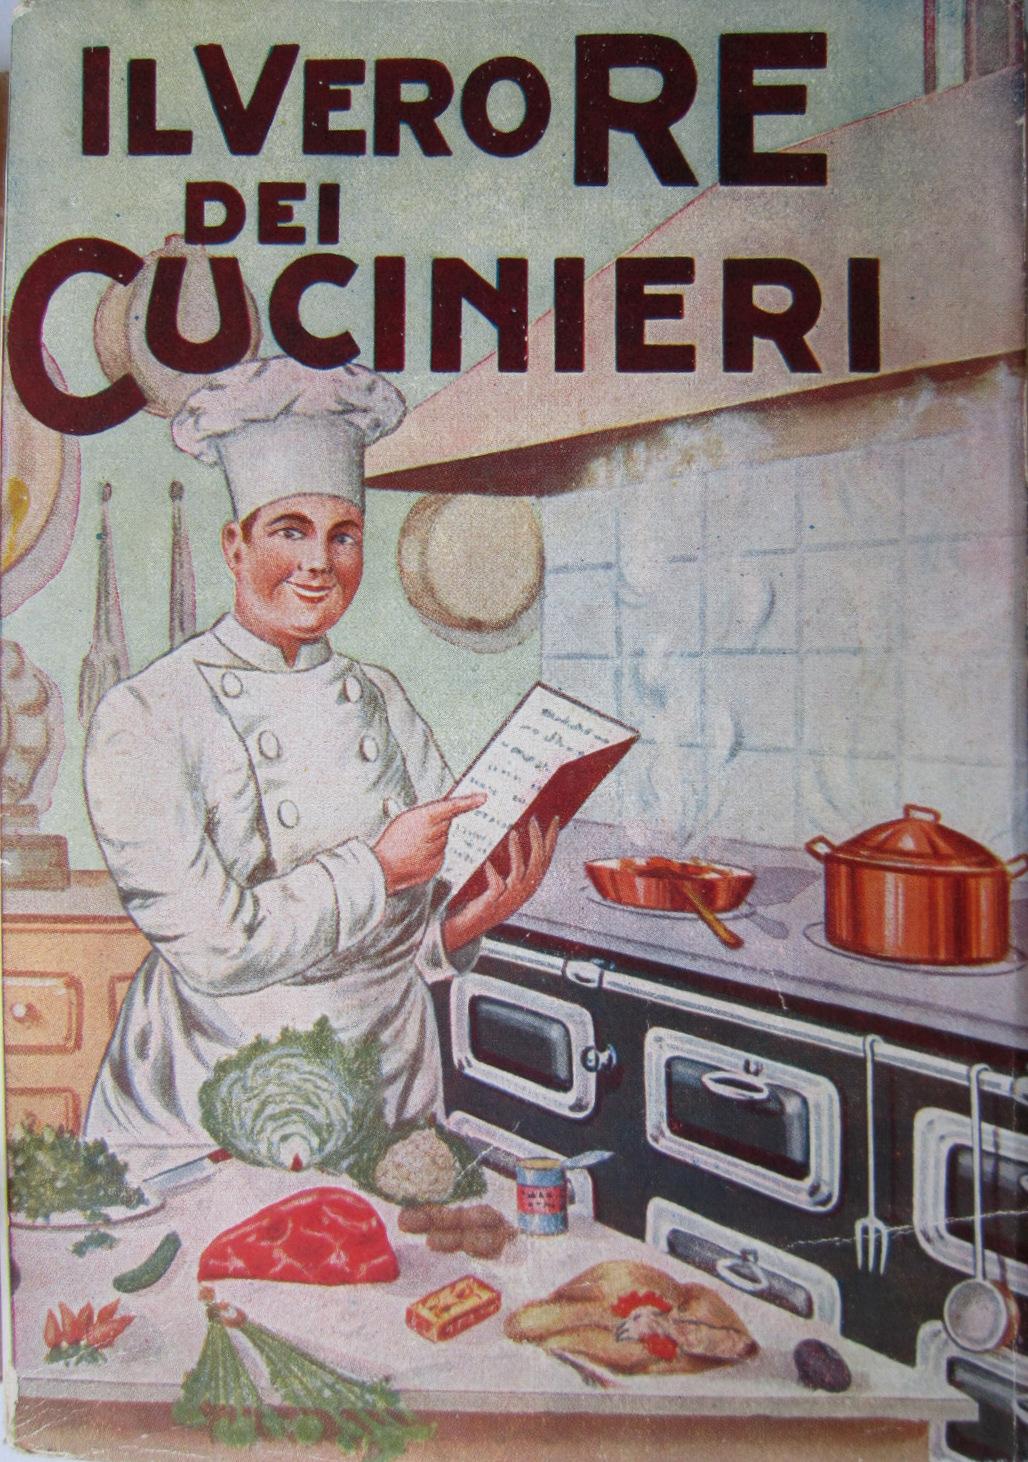 Il vero re dei cucinieri